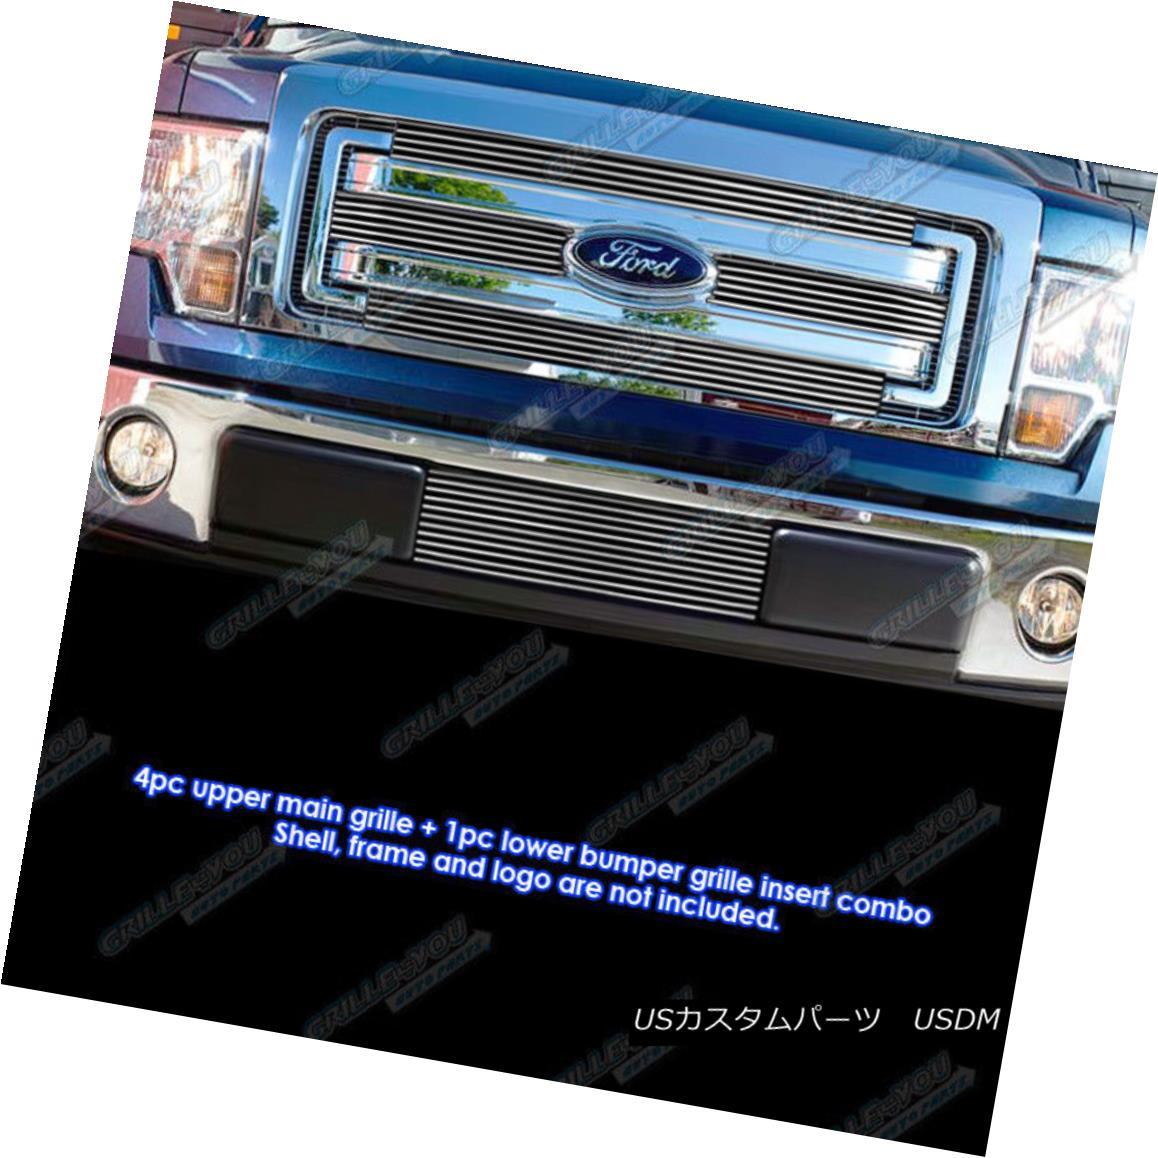 グリル Fits 2013-2014 Ford F-150 Reg Model Billet Grille Combo フィット2013-2014フォードF-150レギュラーモデルビレットグリルコンボ